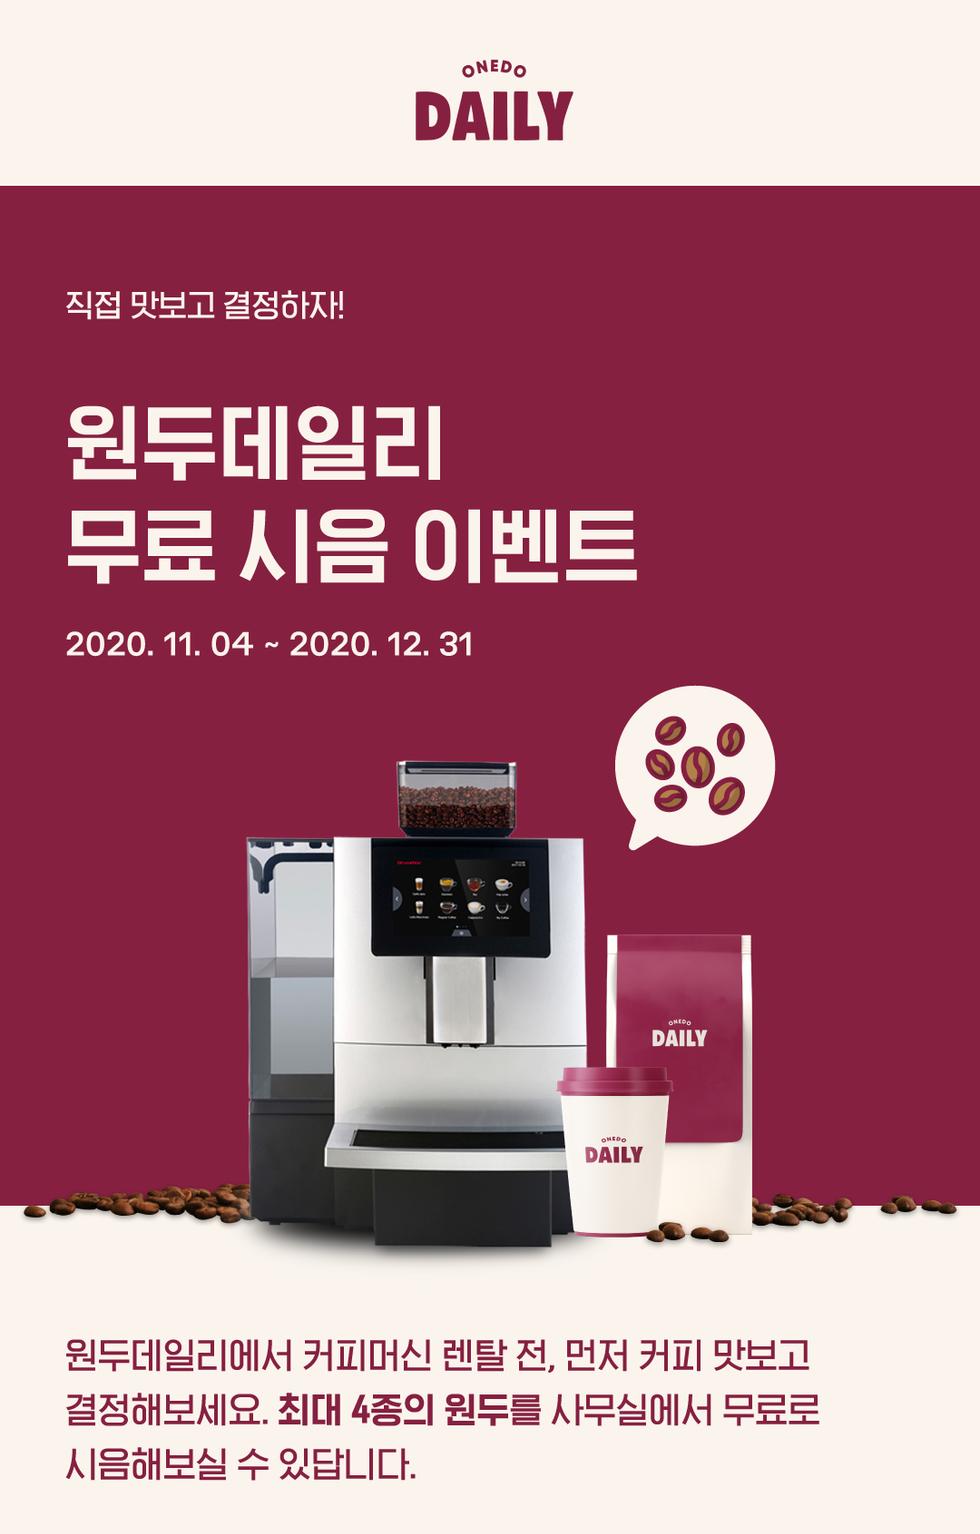 [EVENT] 커피 맛보고 결정하자! 무료시음 이벤트🎉